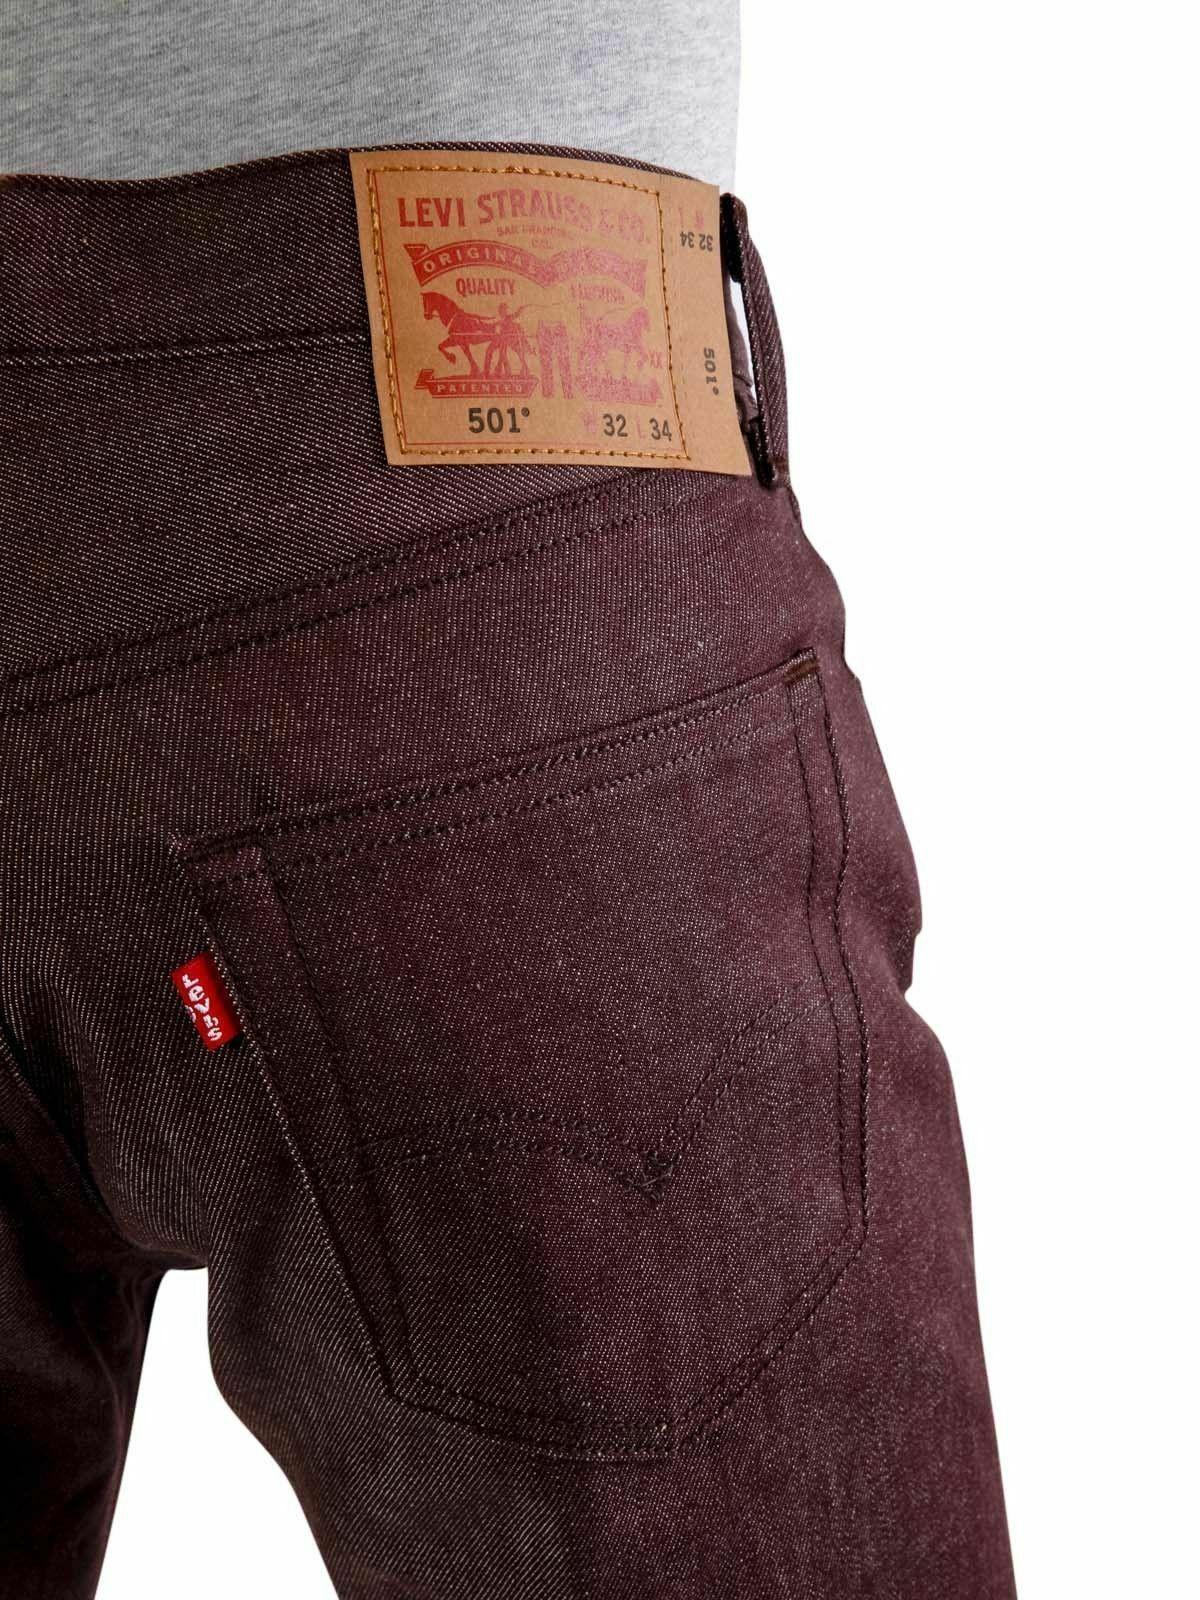 Levi's 501 Men's Original Fit Straight Leg Jeans Button Fly 501-1406